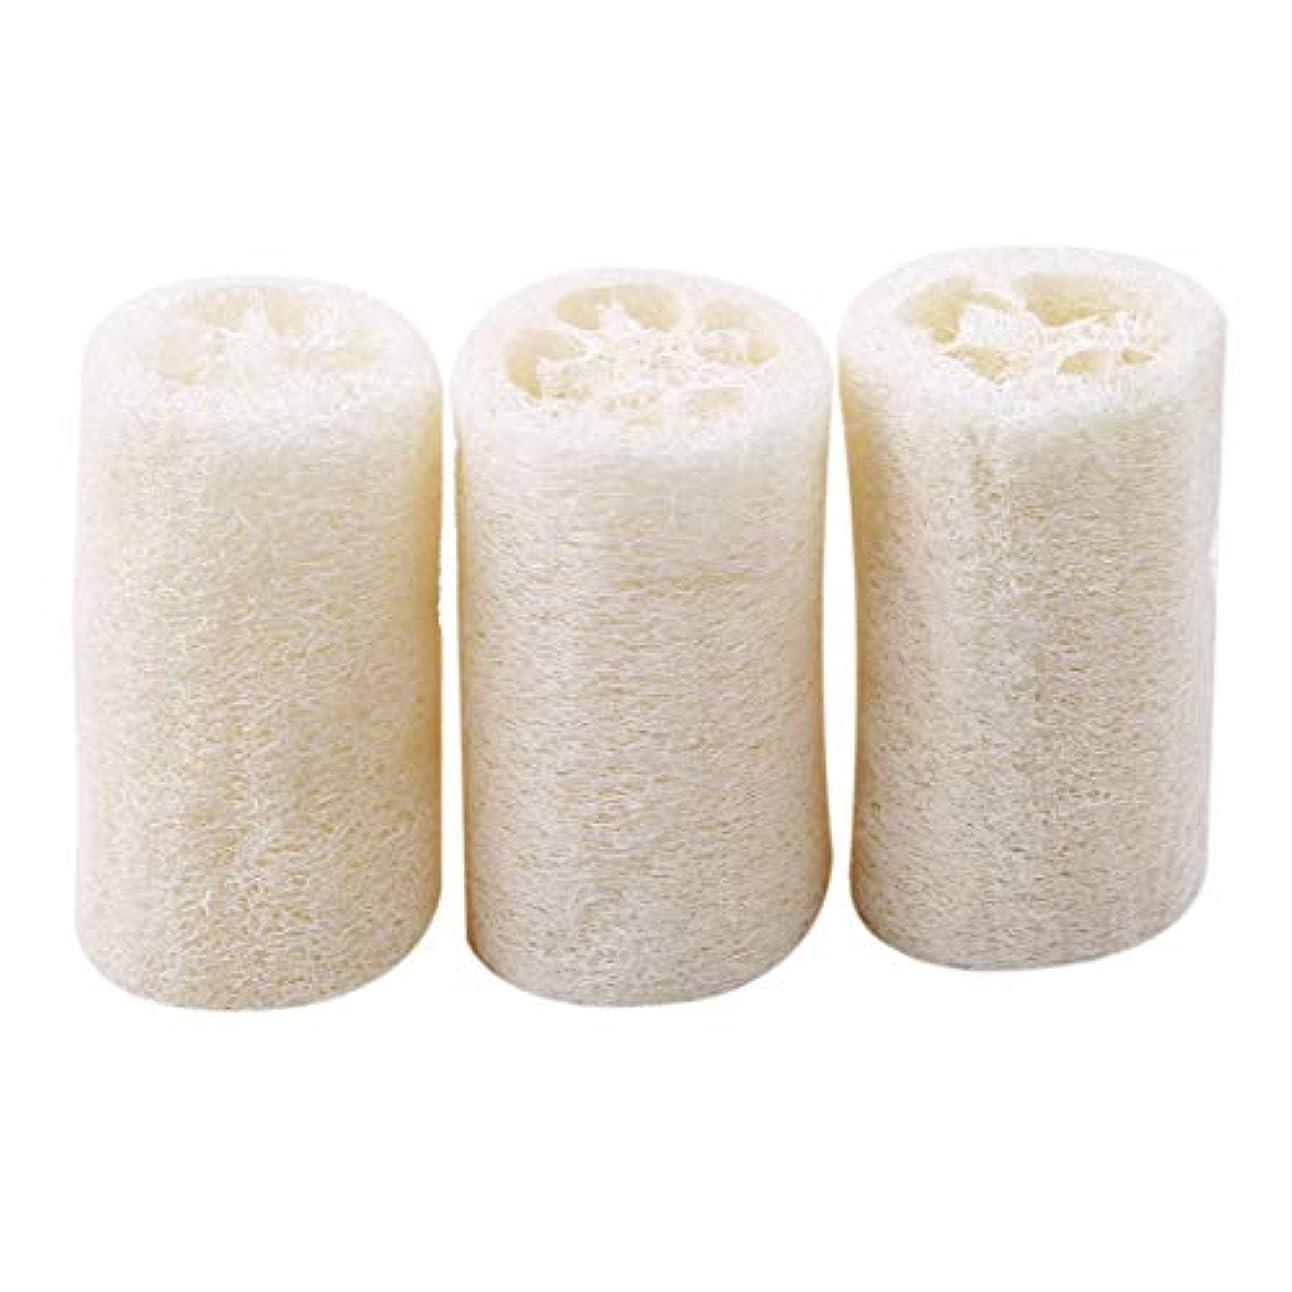 裏切り者エコー収入Onior 耐久性 ボディースポンジ へちま お風呂 清掃 洗浄作業 3個セット